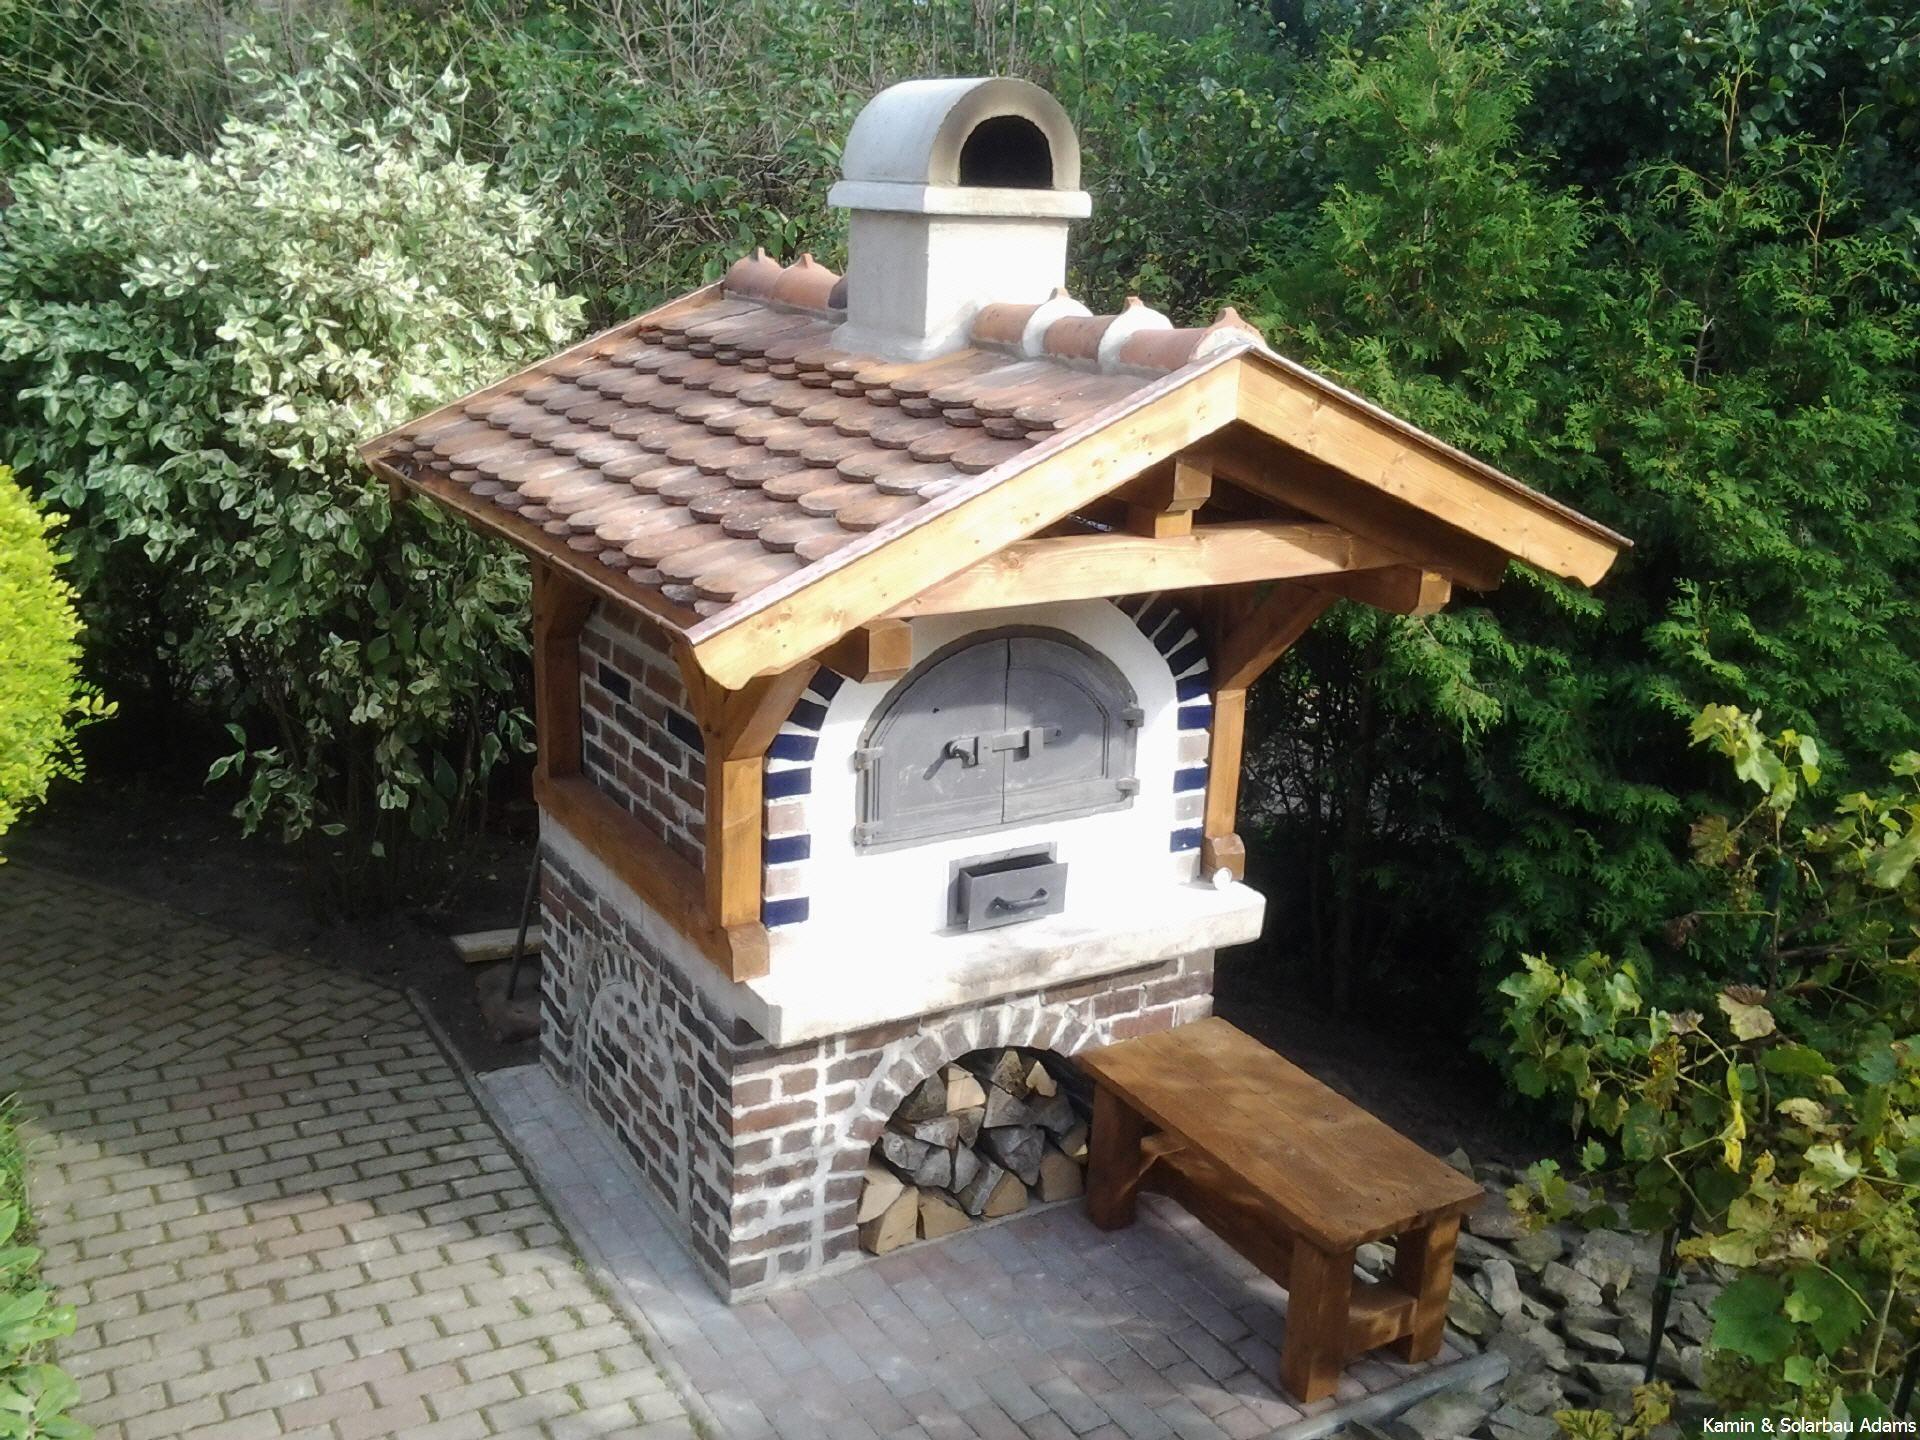 steinbackofen steinbacköfen backofen | pergola, zahrada, Hause und garten